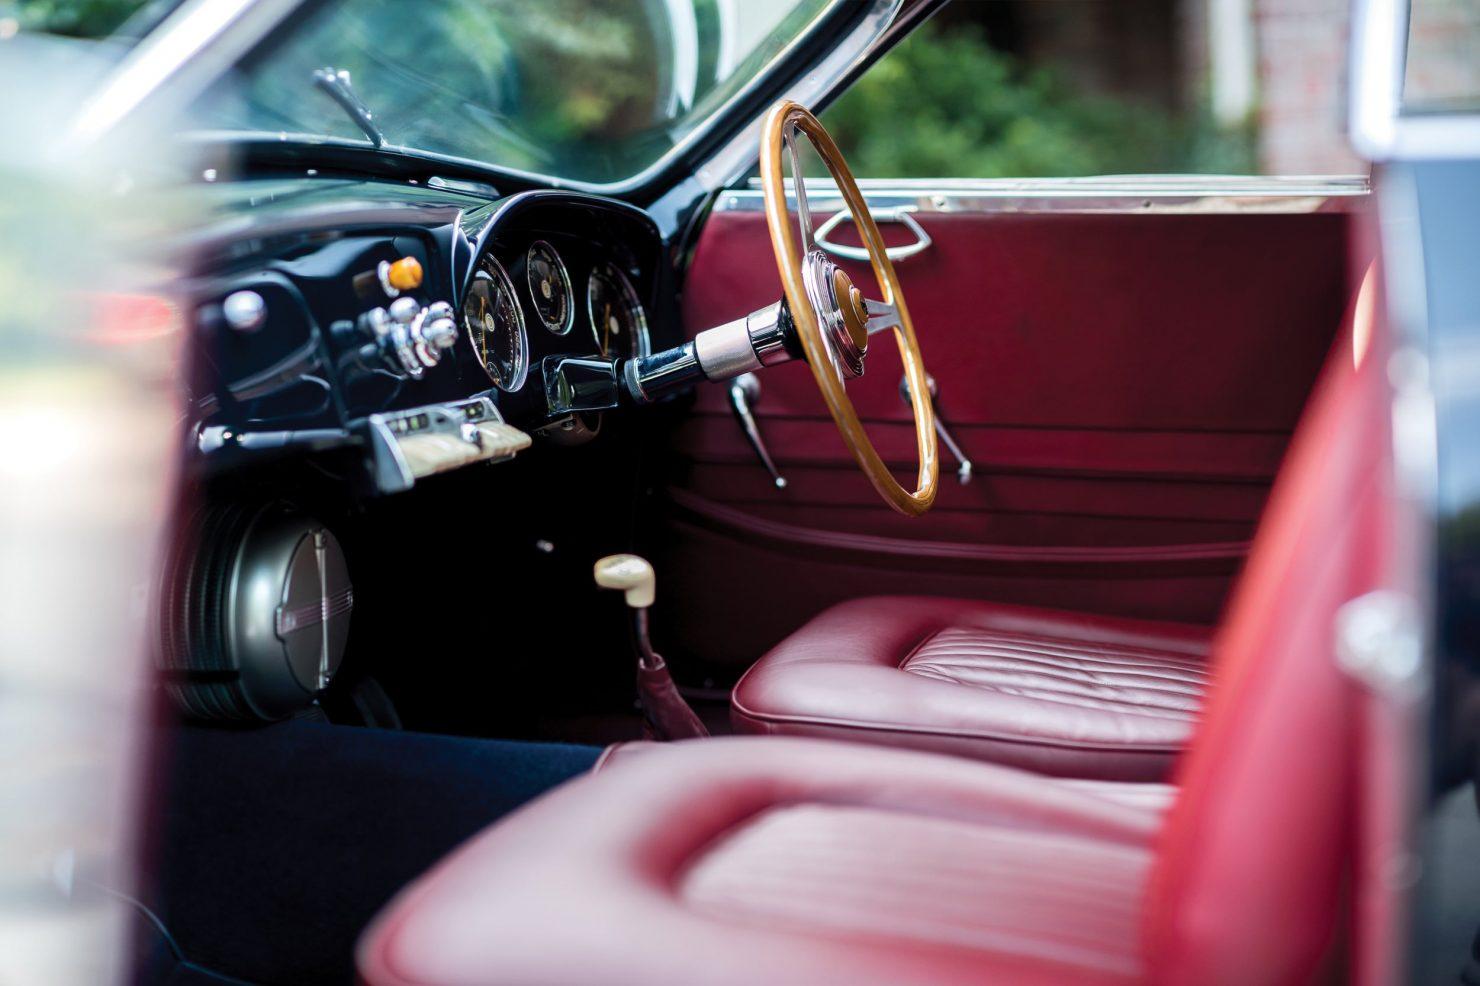 pegaso z 102 car 11 1480x986 - 1954 Pegaso Z-102 Series II Saoutchik